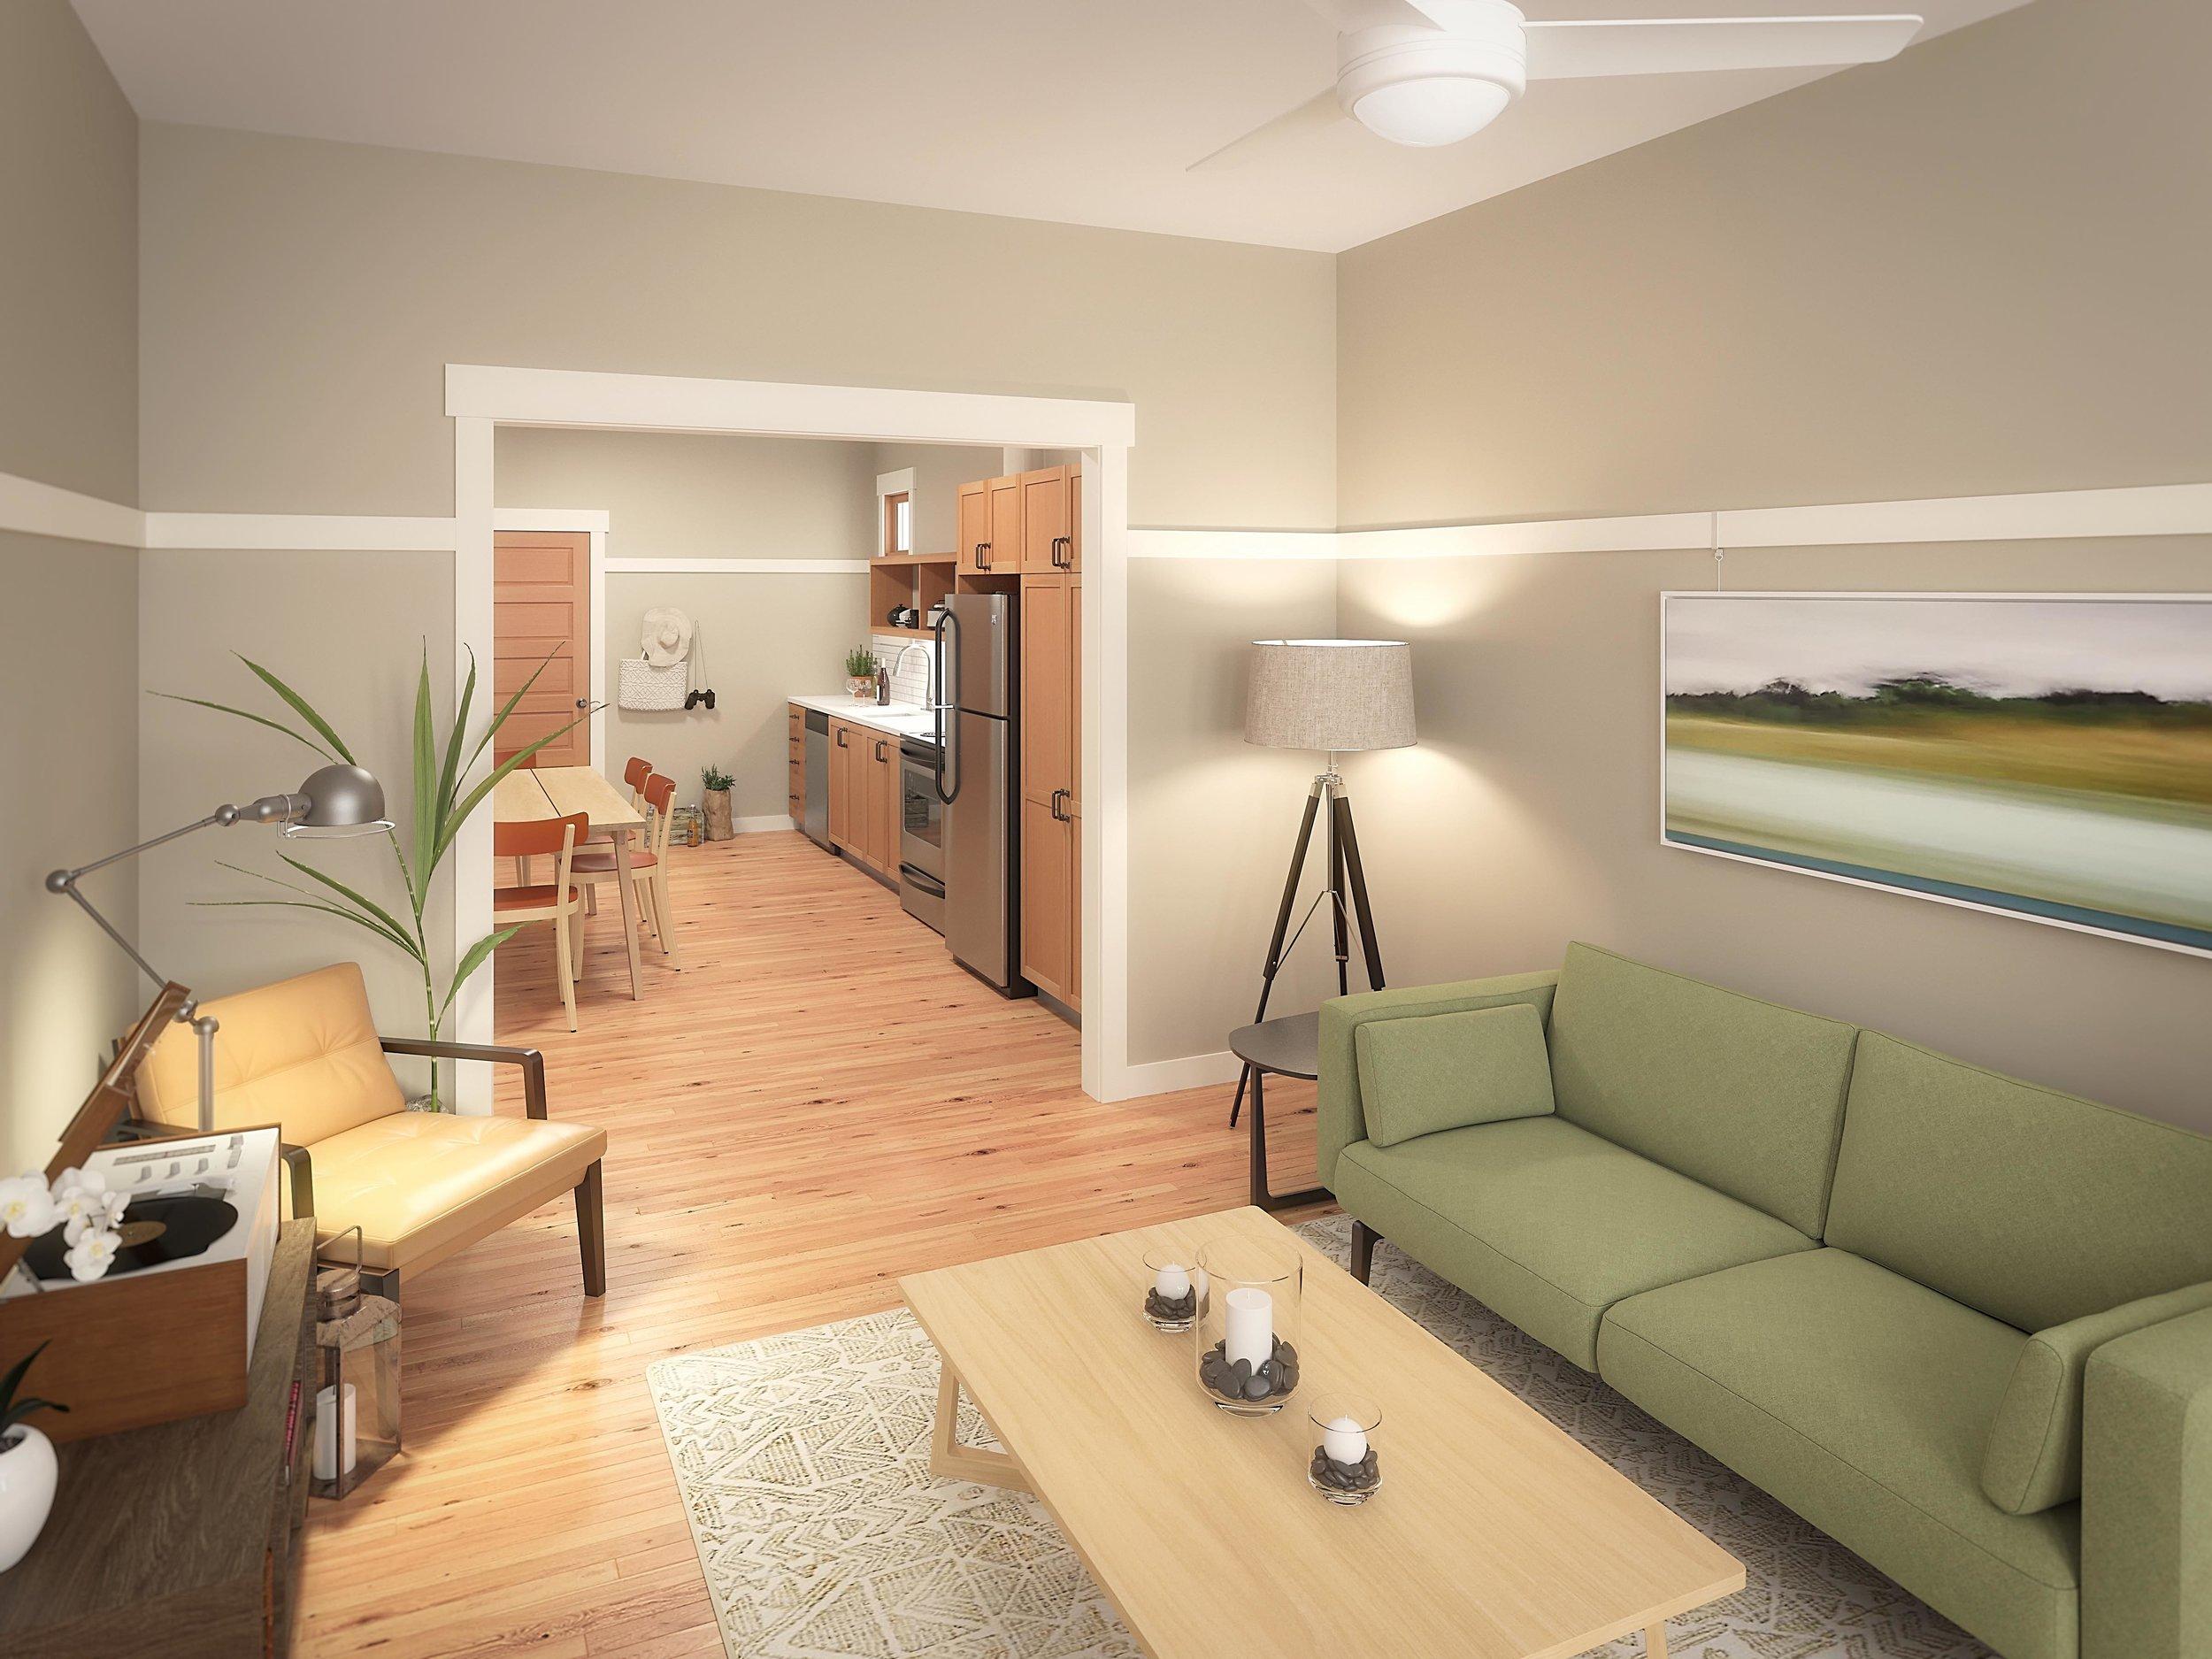 17014_Fairmont Apartments_Unit_1BRM_v004 copy.jpg